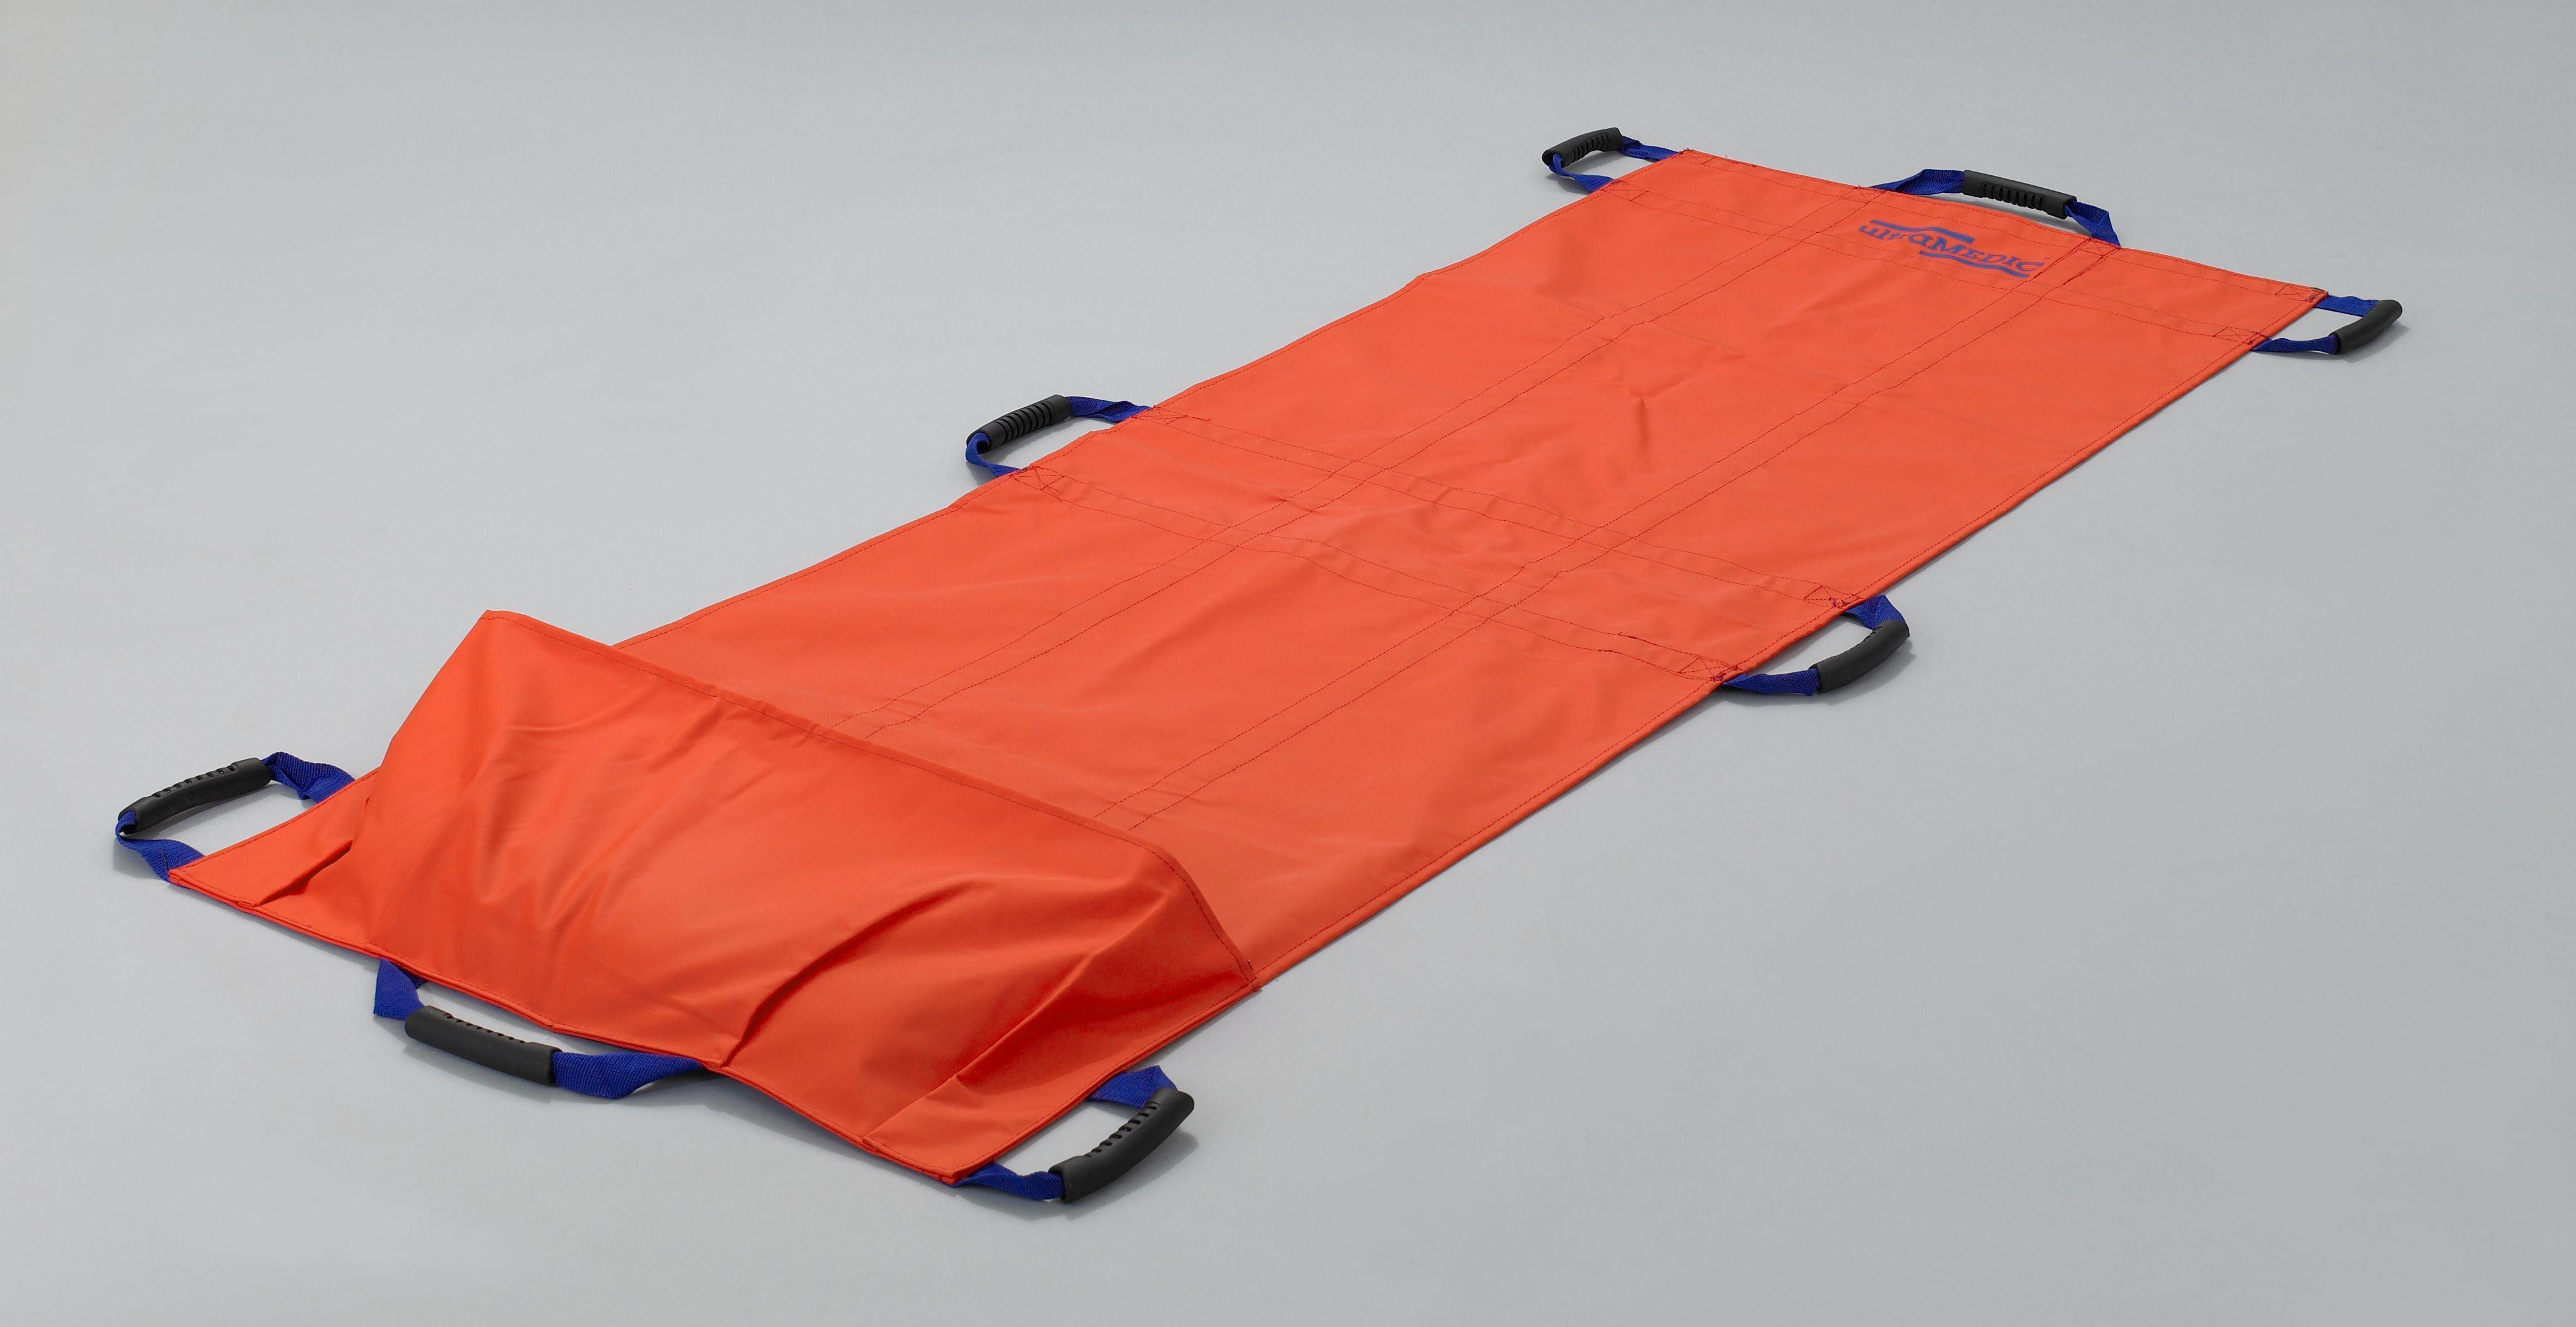 Rettungstuch ultraSAVER aus ultraTEX